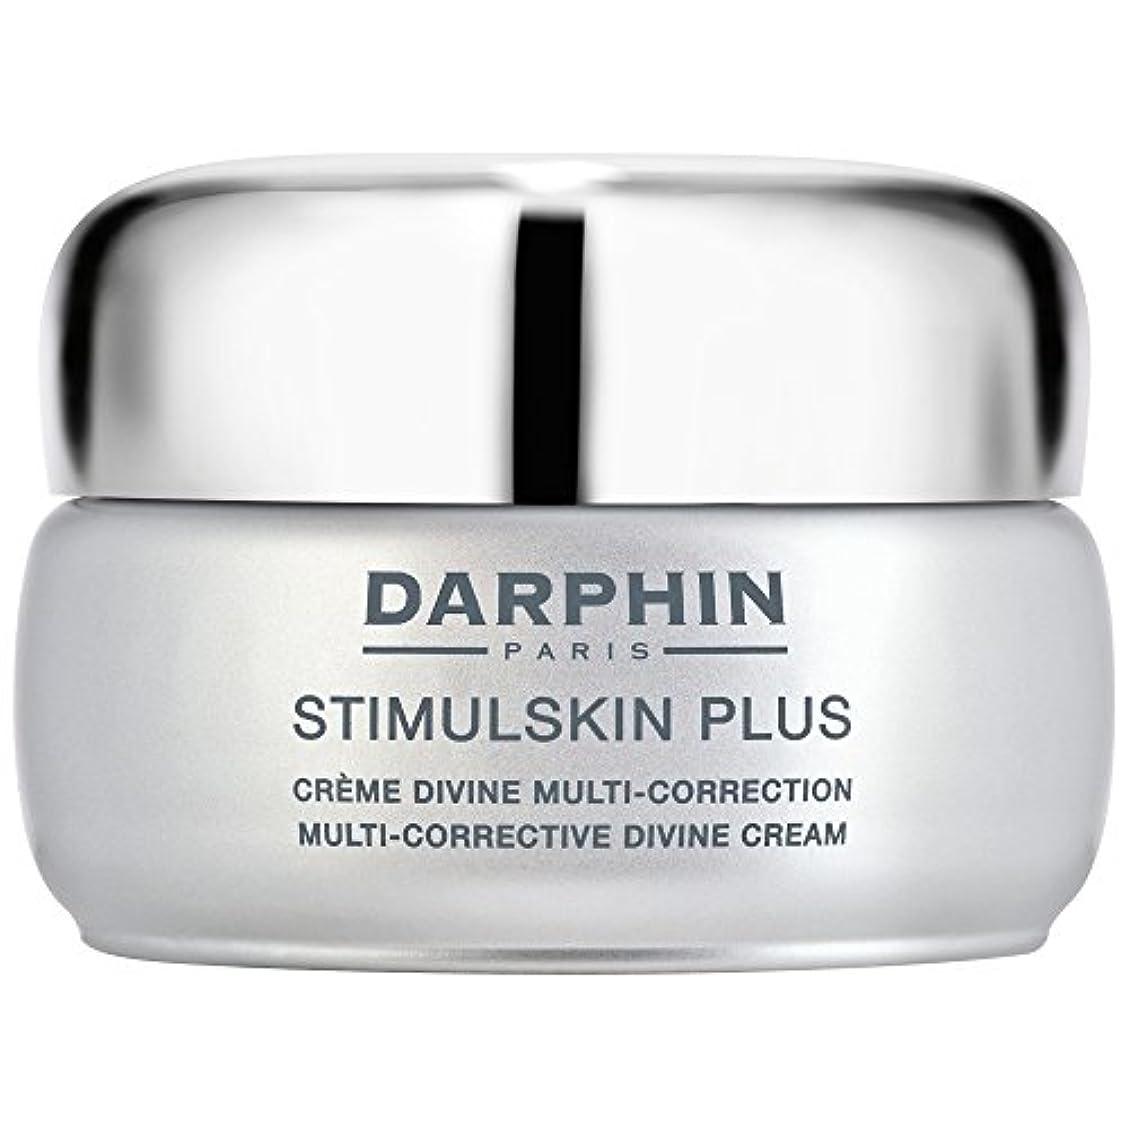 強調する略す事故スティプラスマルチ是正神のクリームダルファン、50ミリリットル (Darphin) (x2) - Darphin Stimulskin Plus Multi-Corrective Divine Cream, 50ml (...